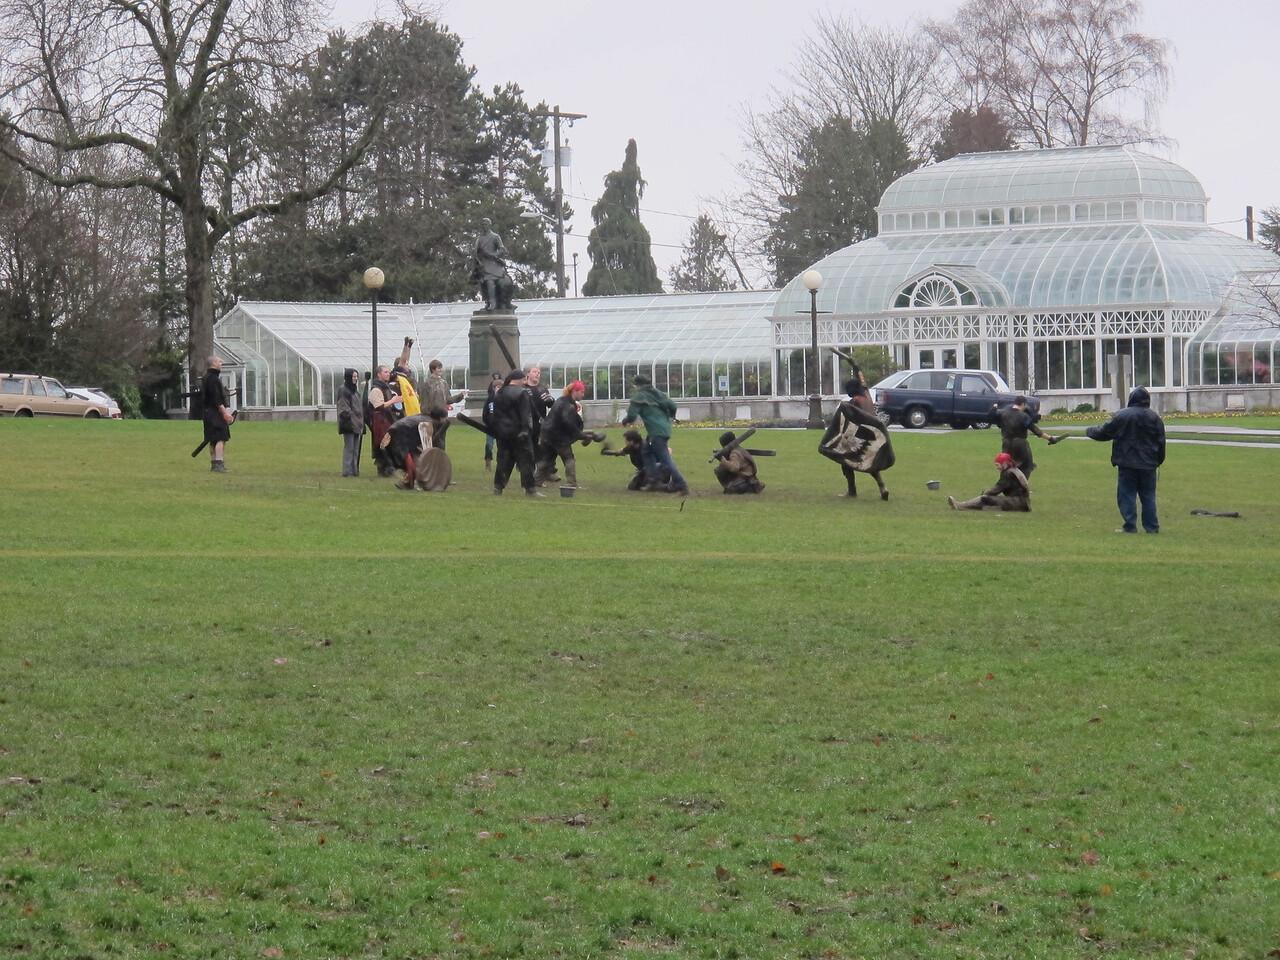 Medieval battle in Volunteer park.